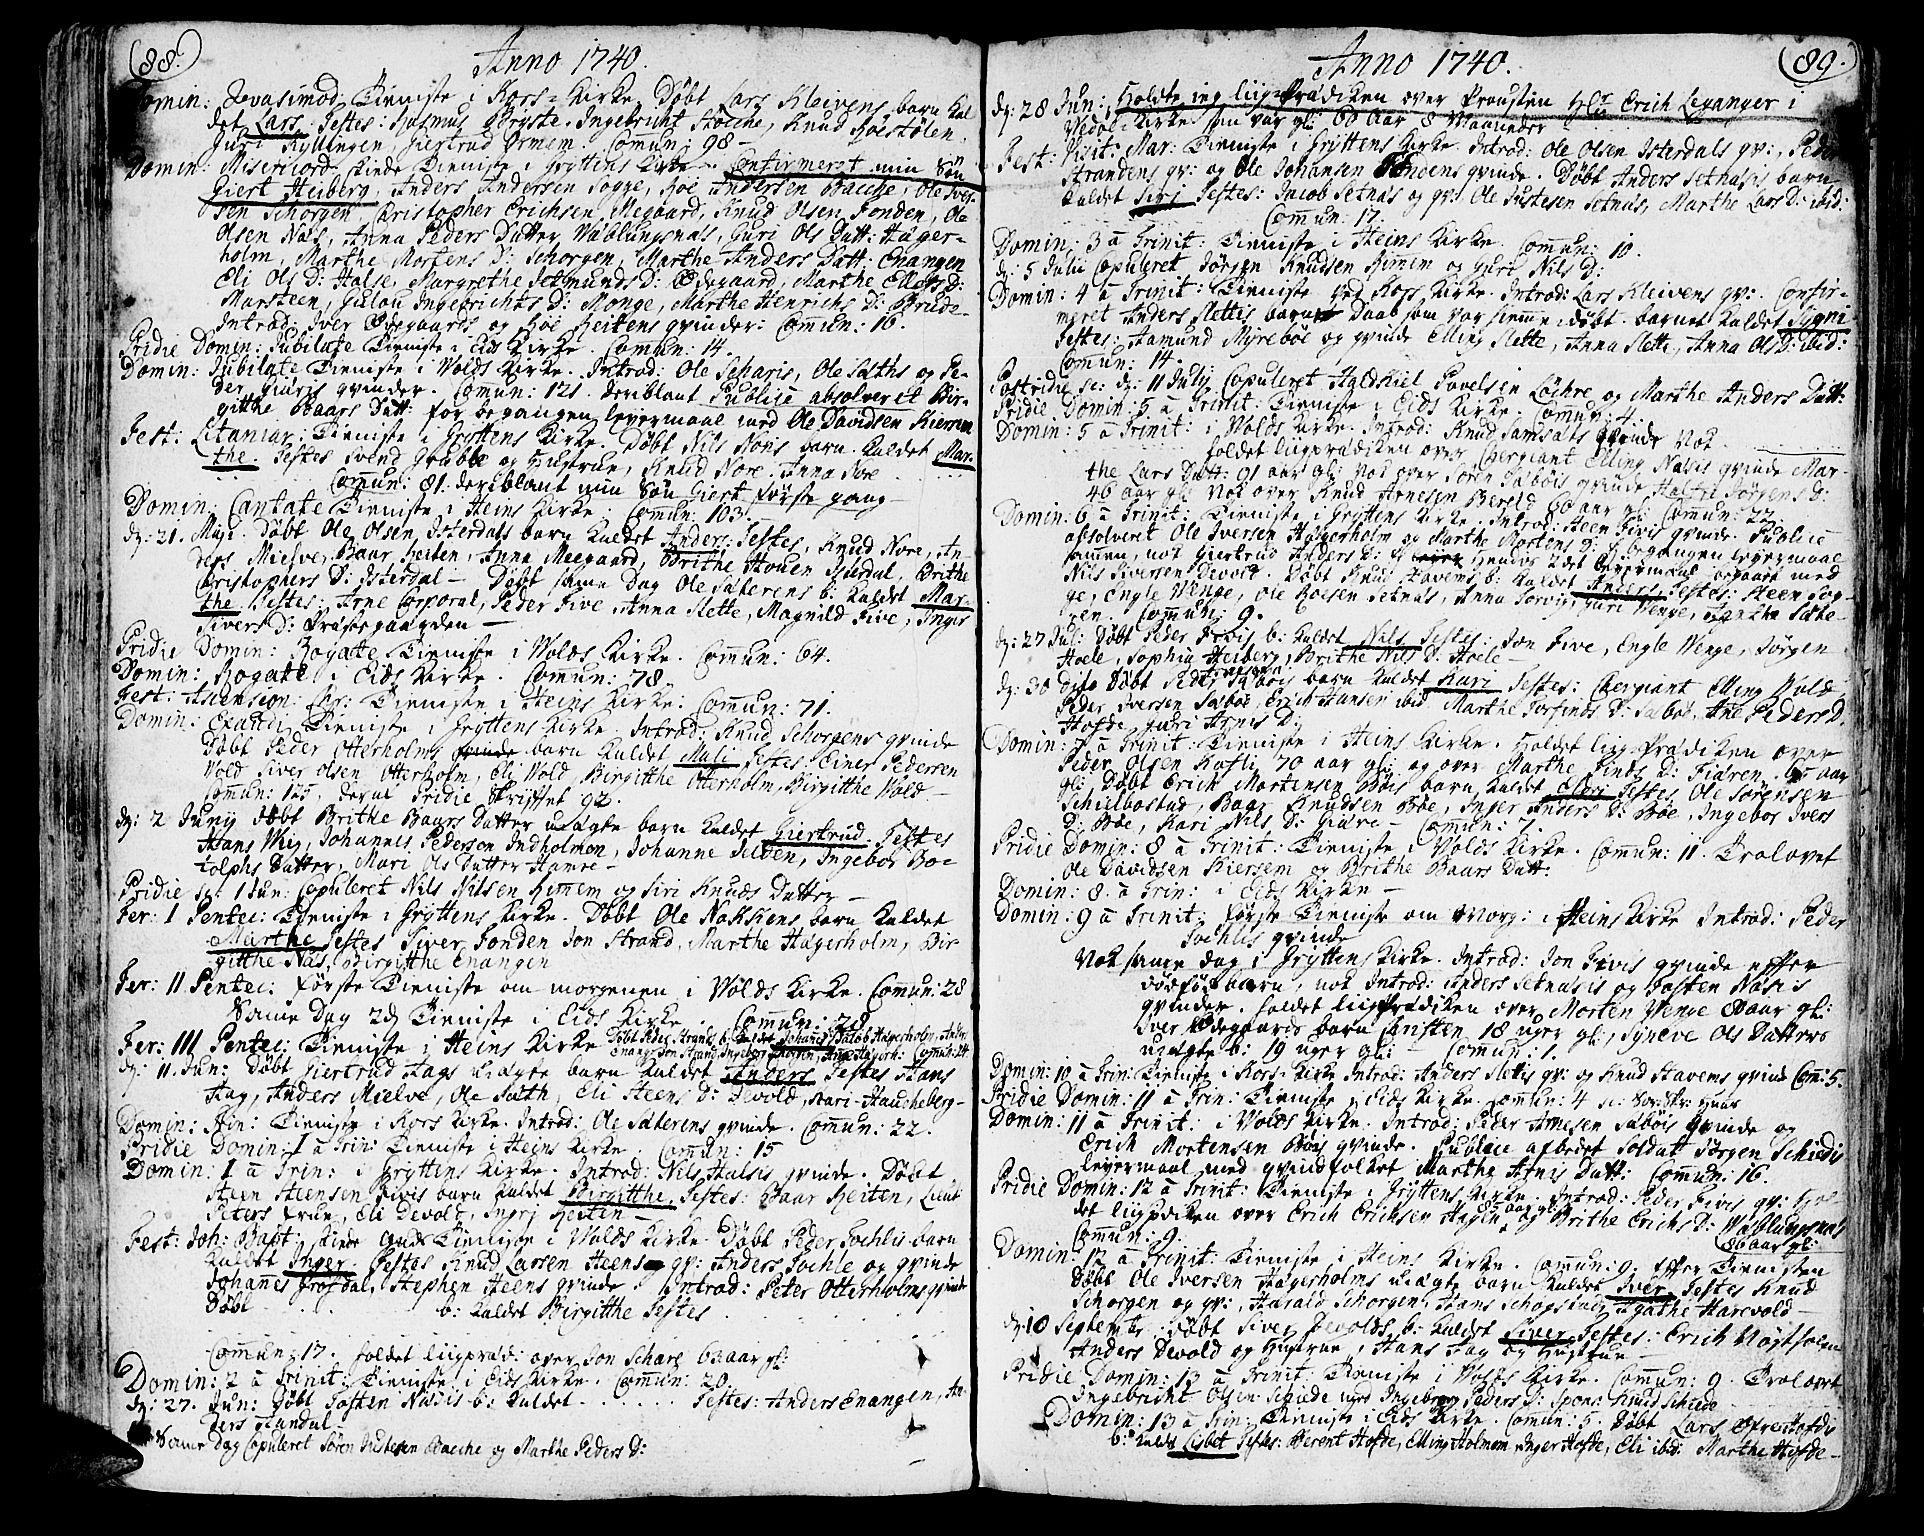 SAT, Ministerialprotokoller, klokkerbøker og fødselsregistre - Møre og Romsdal, 544/L0568: Parish register (official) no. 544A01, 1725-1763, p. 88-89